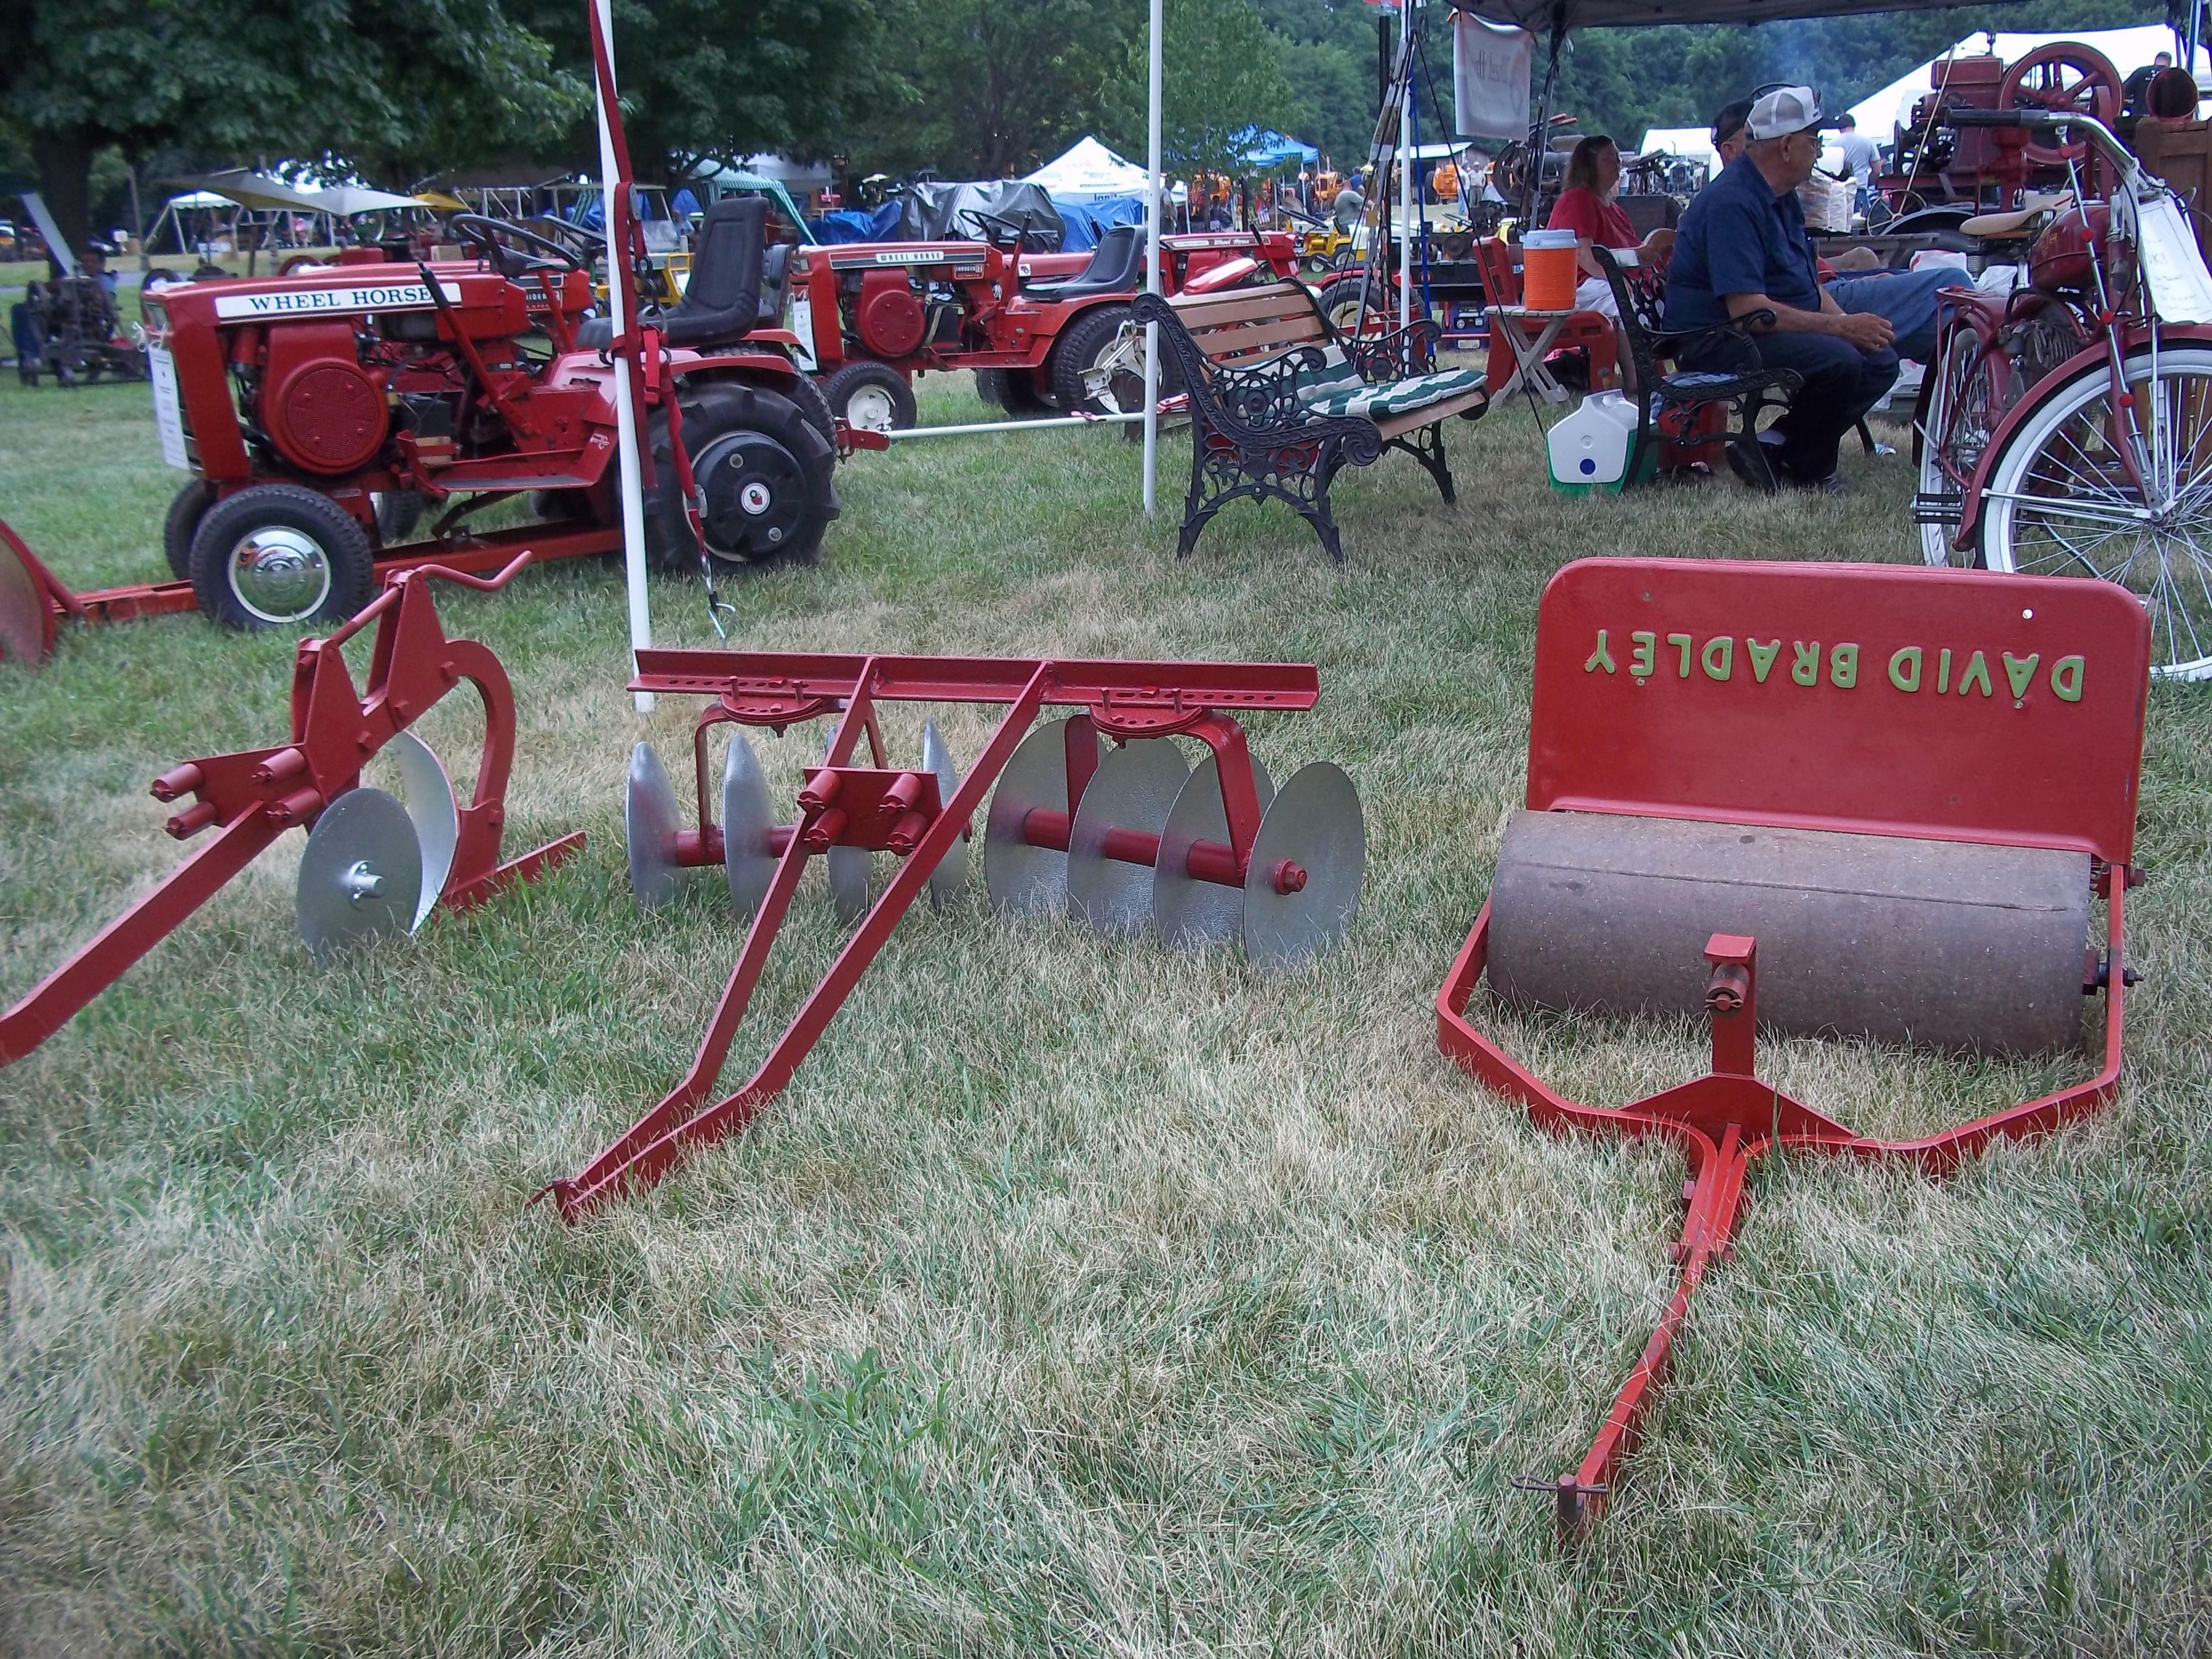 Garden tractor implememts | Farm Equipment | Pinterest | Tractor ...